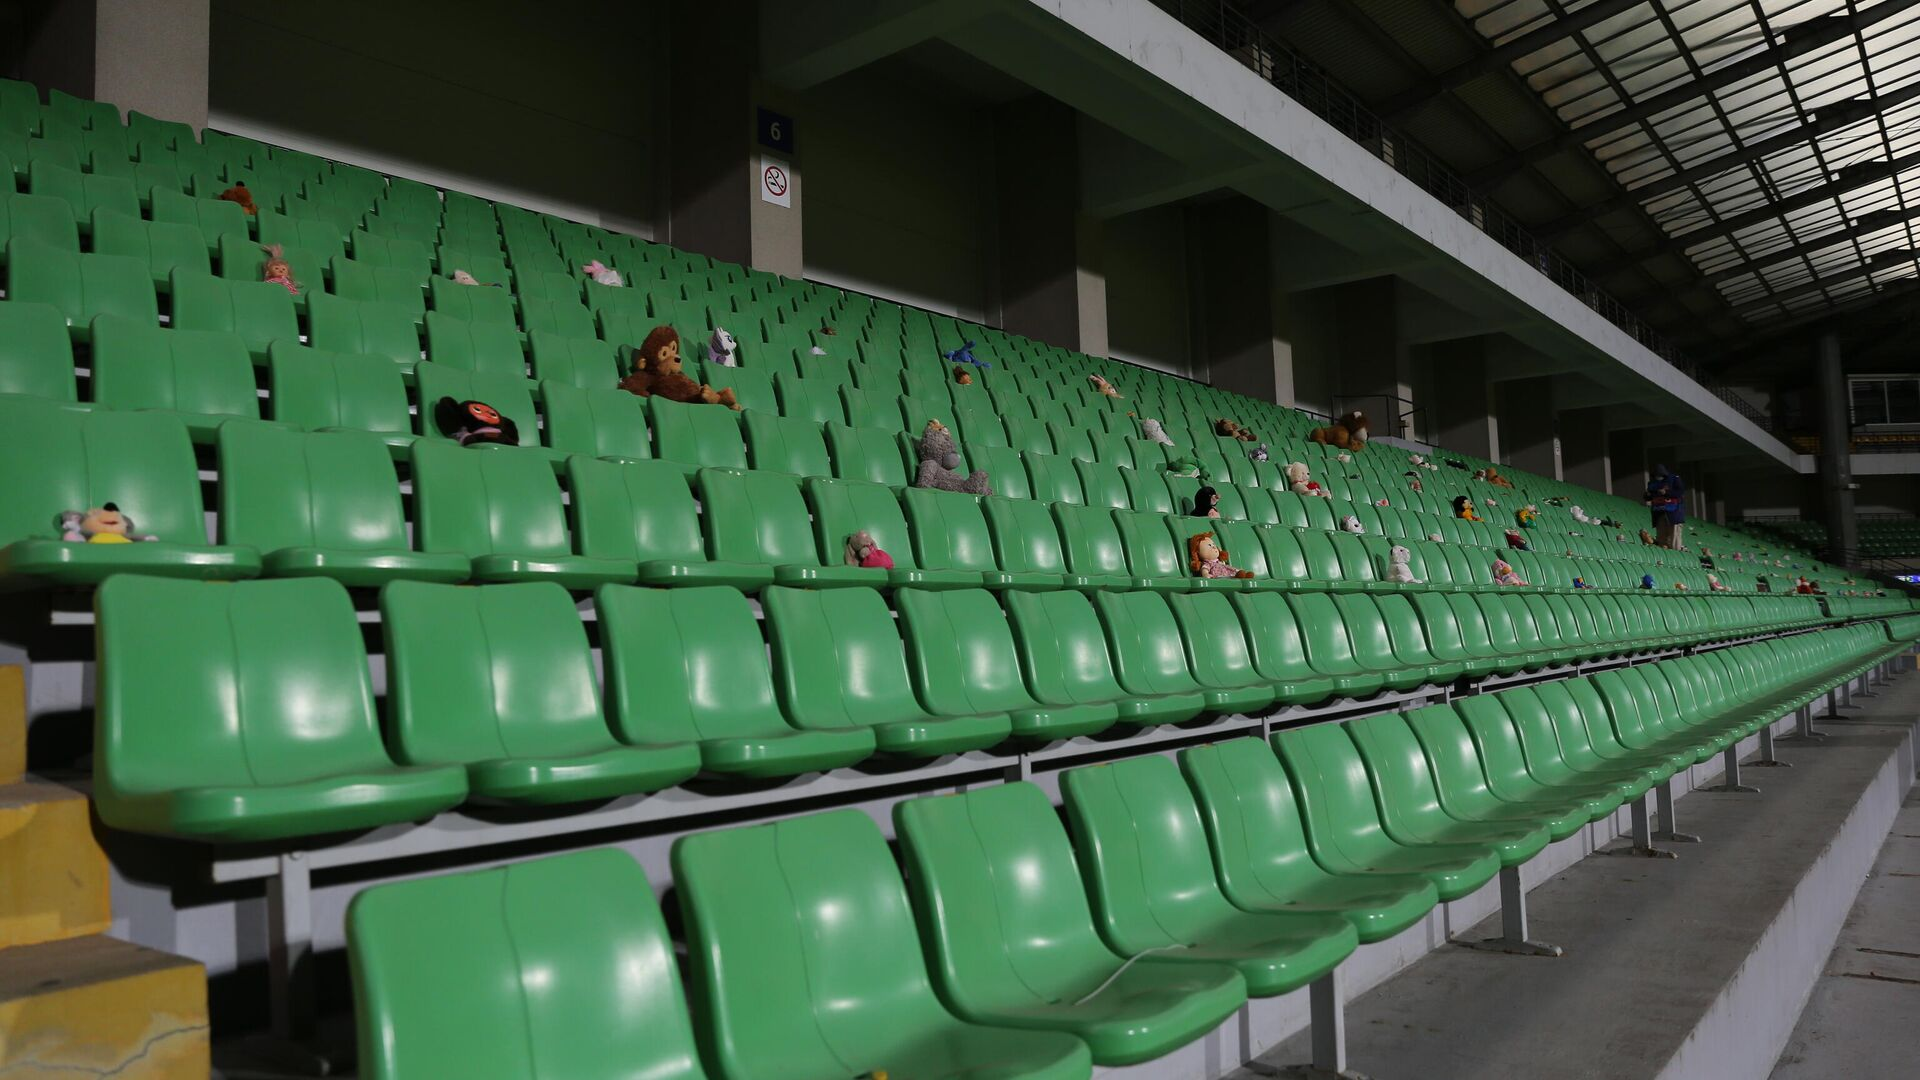 Пустые трибуны стадиона - РИА Новости, 1920, 14.01.2021